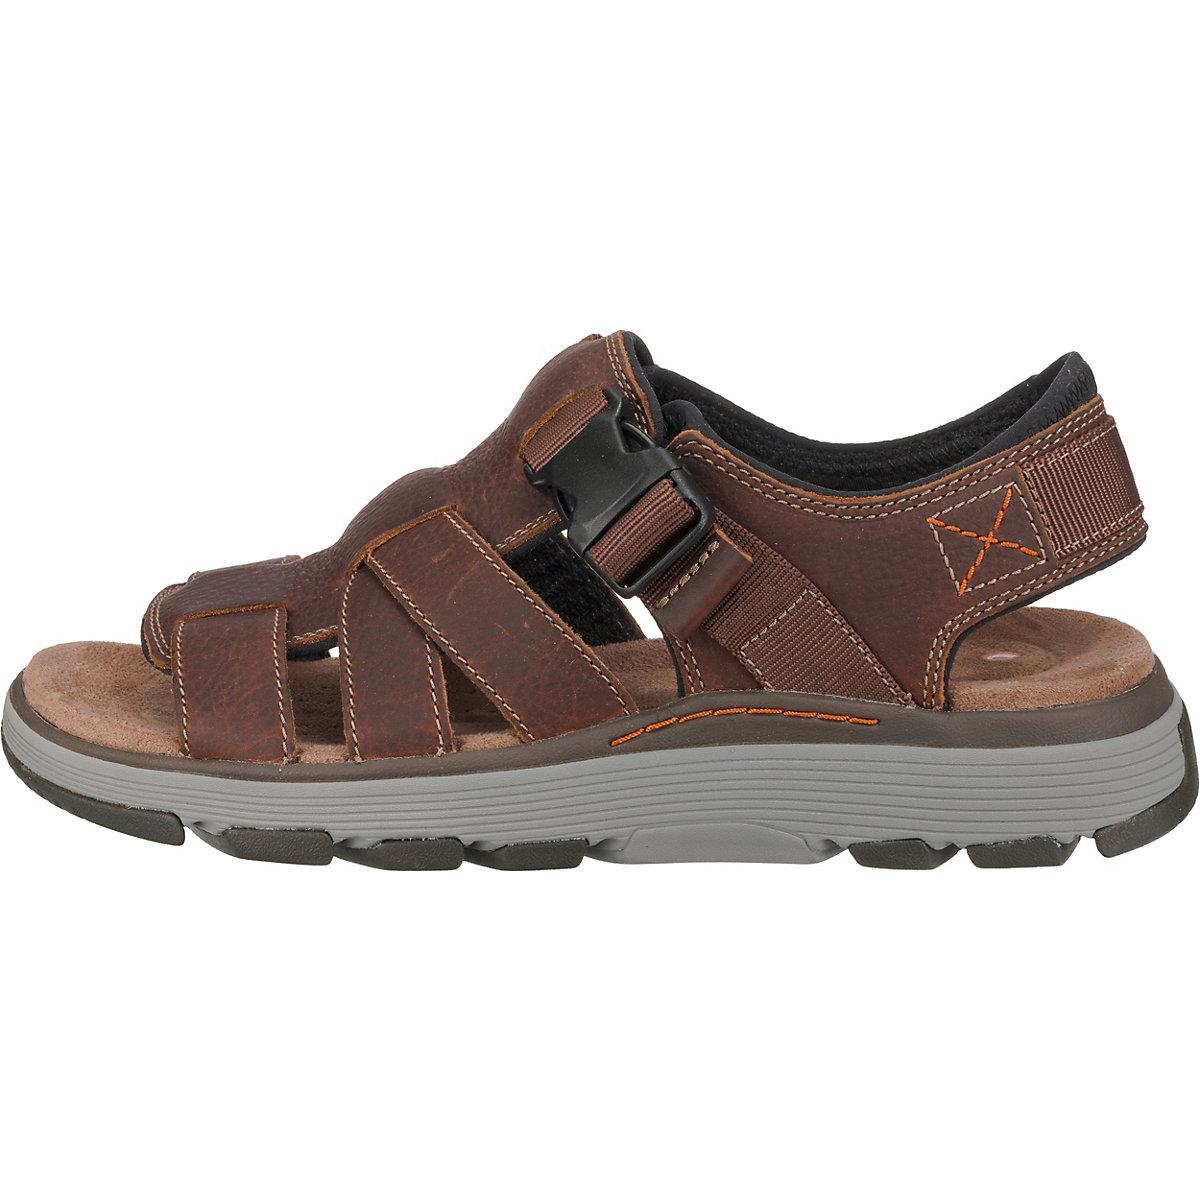 Clarks, Un Trek Cove Klassische Sandalen, Braun